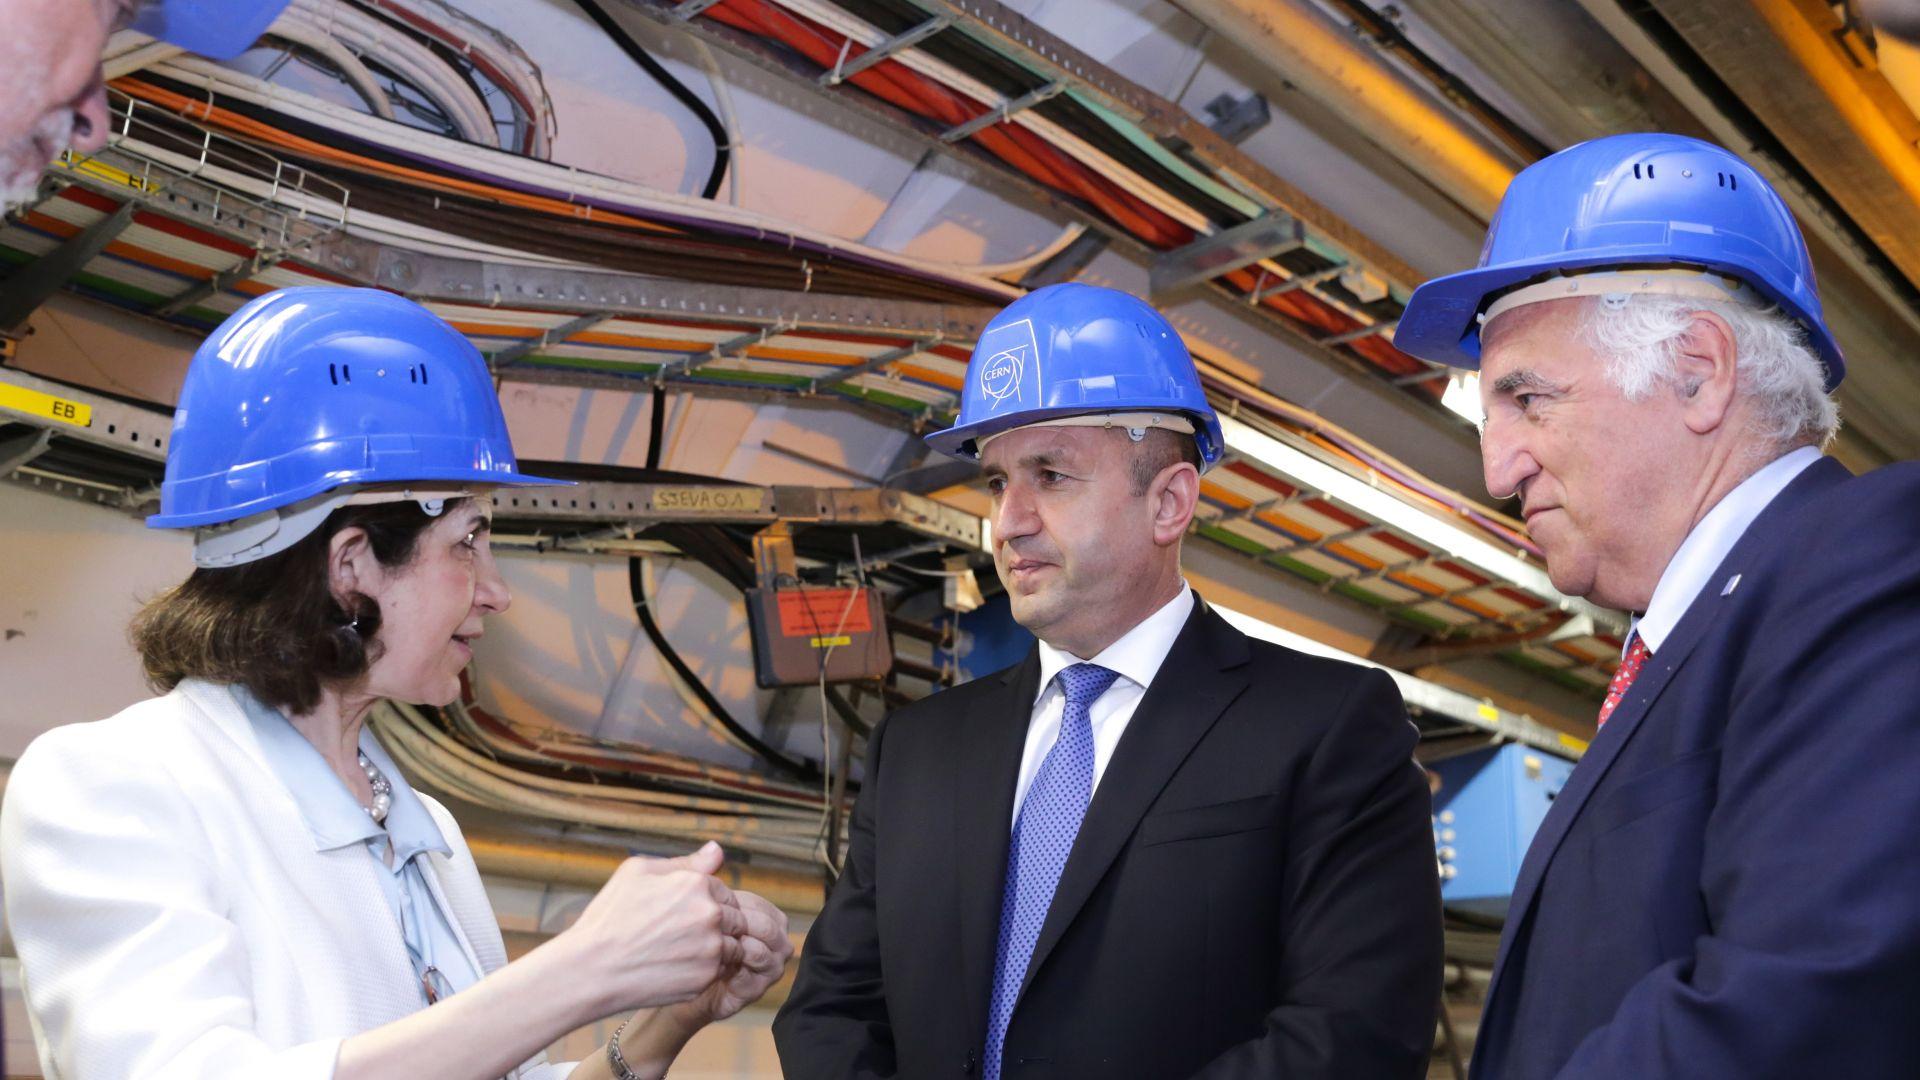 Радев настоя ЦЕРН в България да има умален вариант на адронния колайдер (снимки)